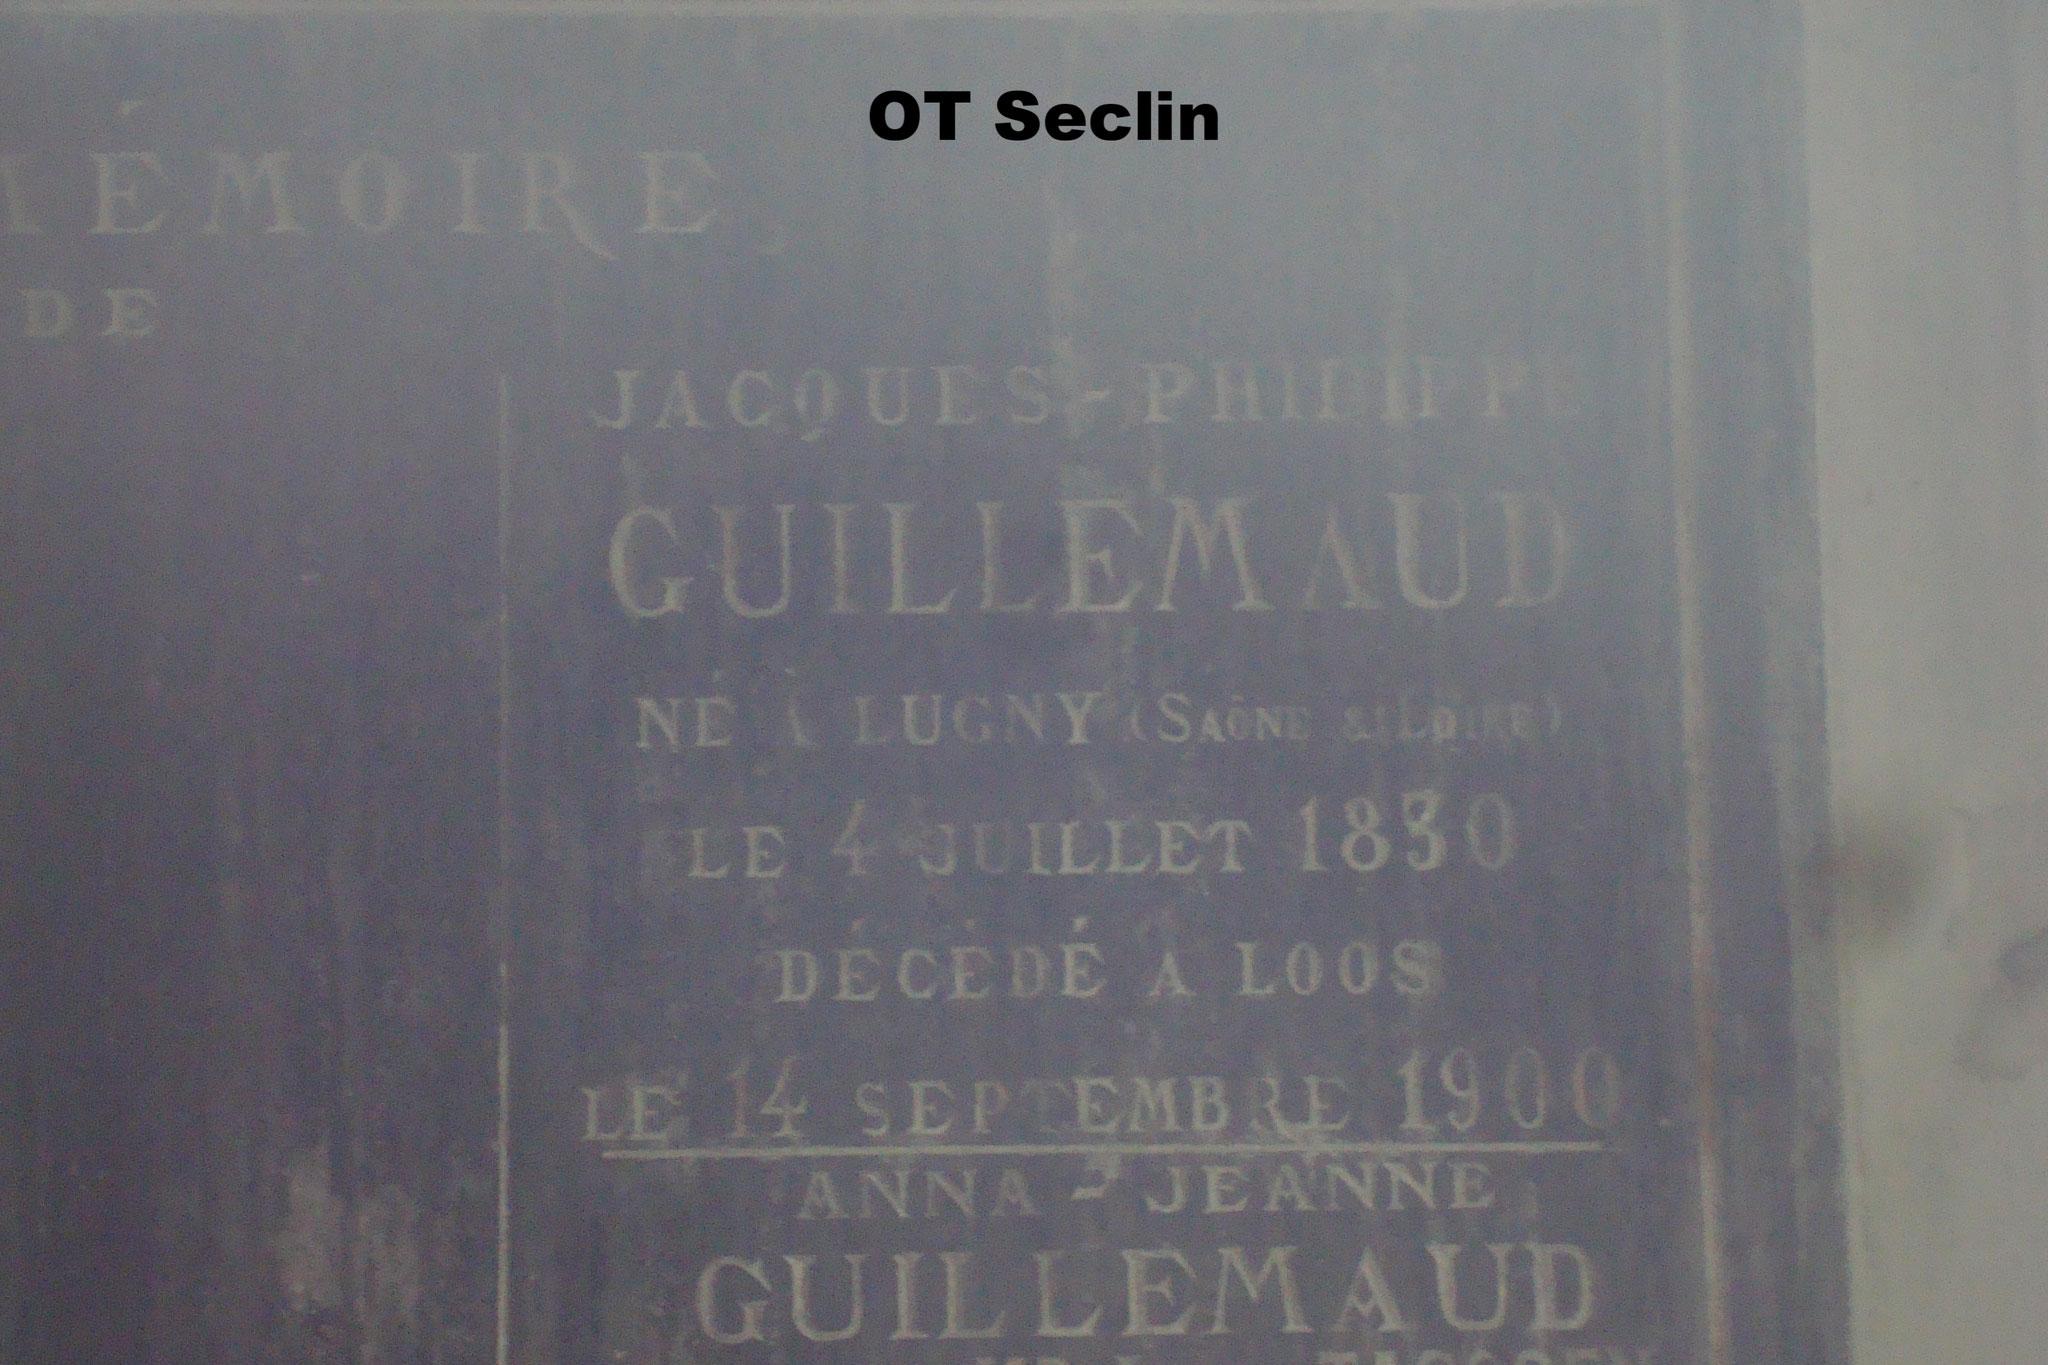 Le caveau des Guillemaud de Loos - intérieur